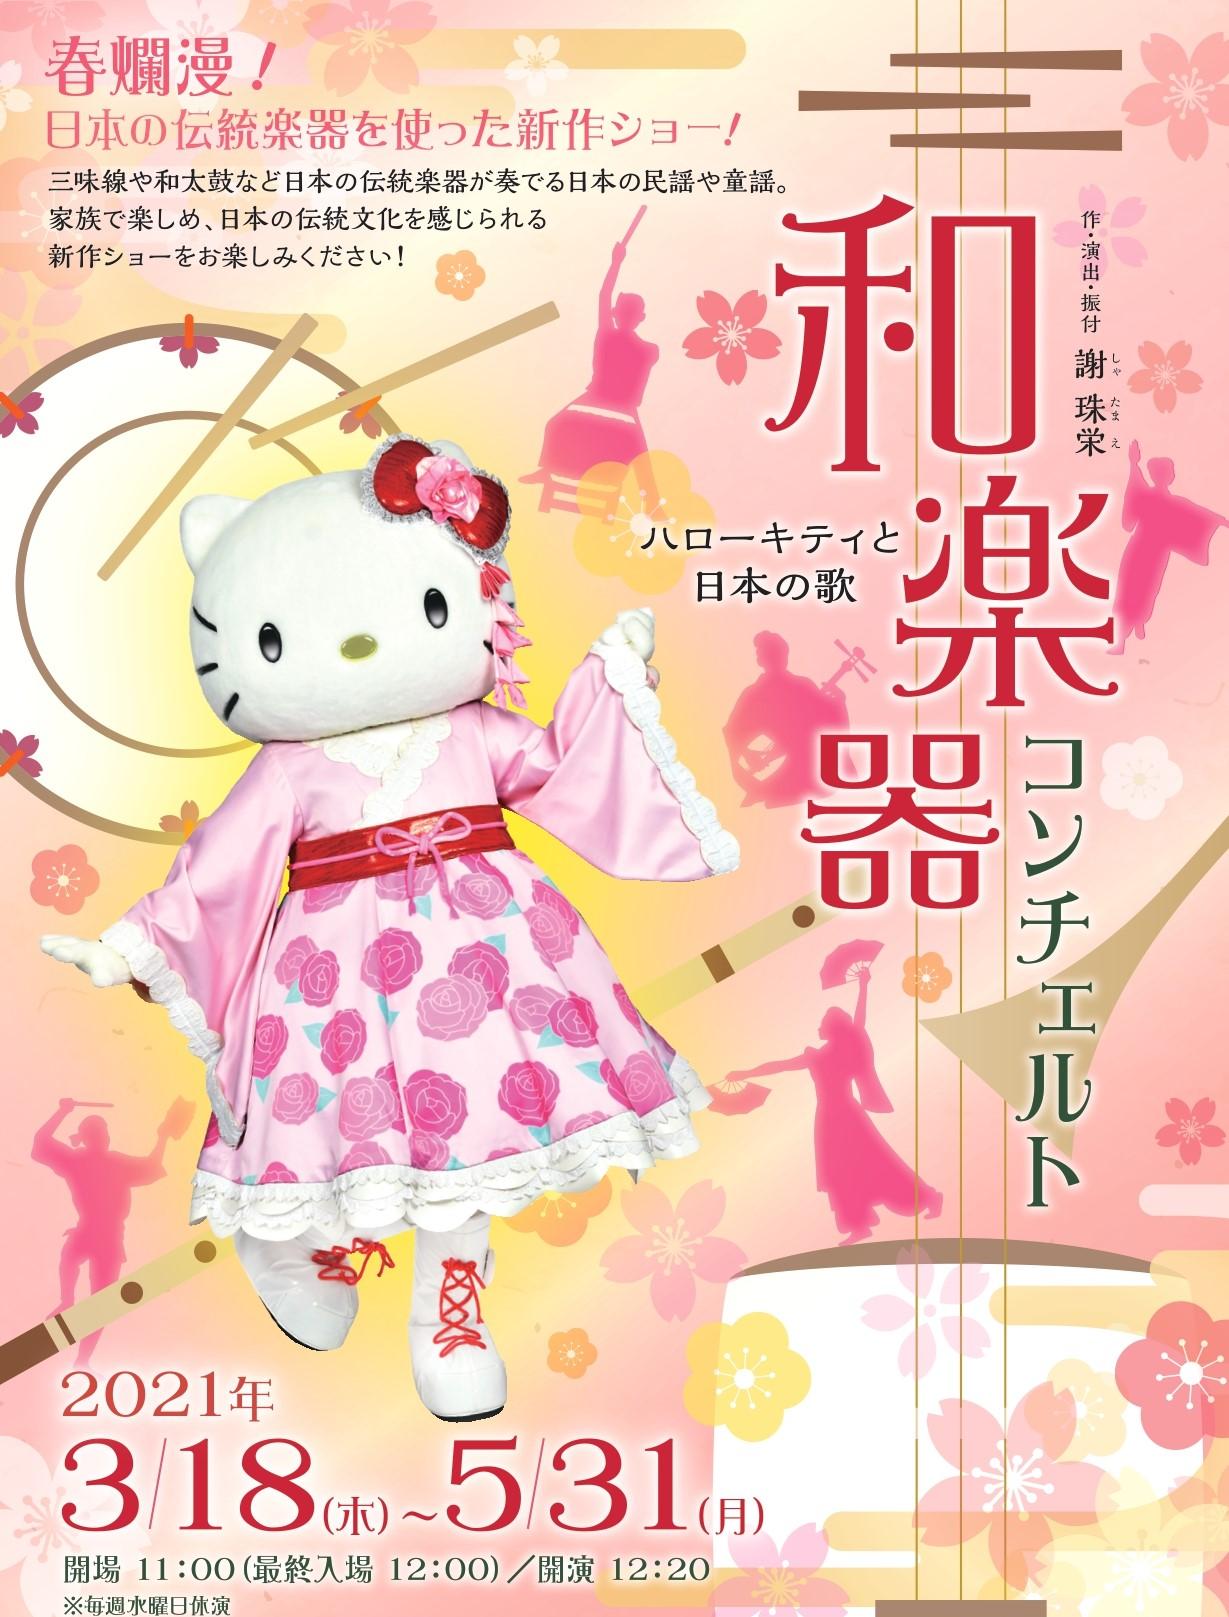 絶賛大人気公演中!【和楽器コンチェルト~ハローキティと日本の歌~】